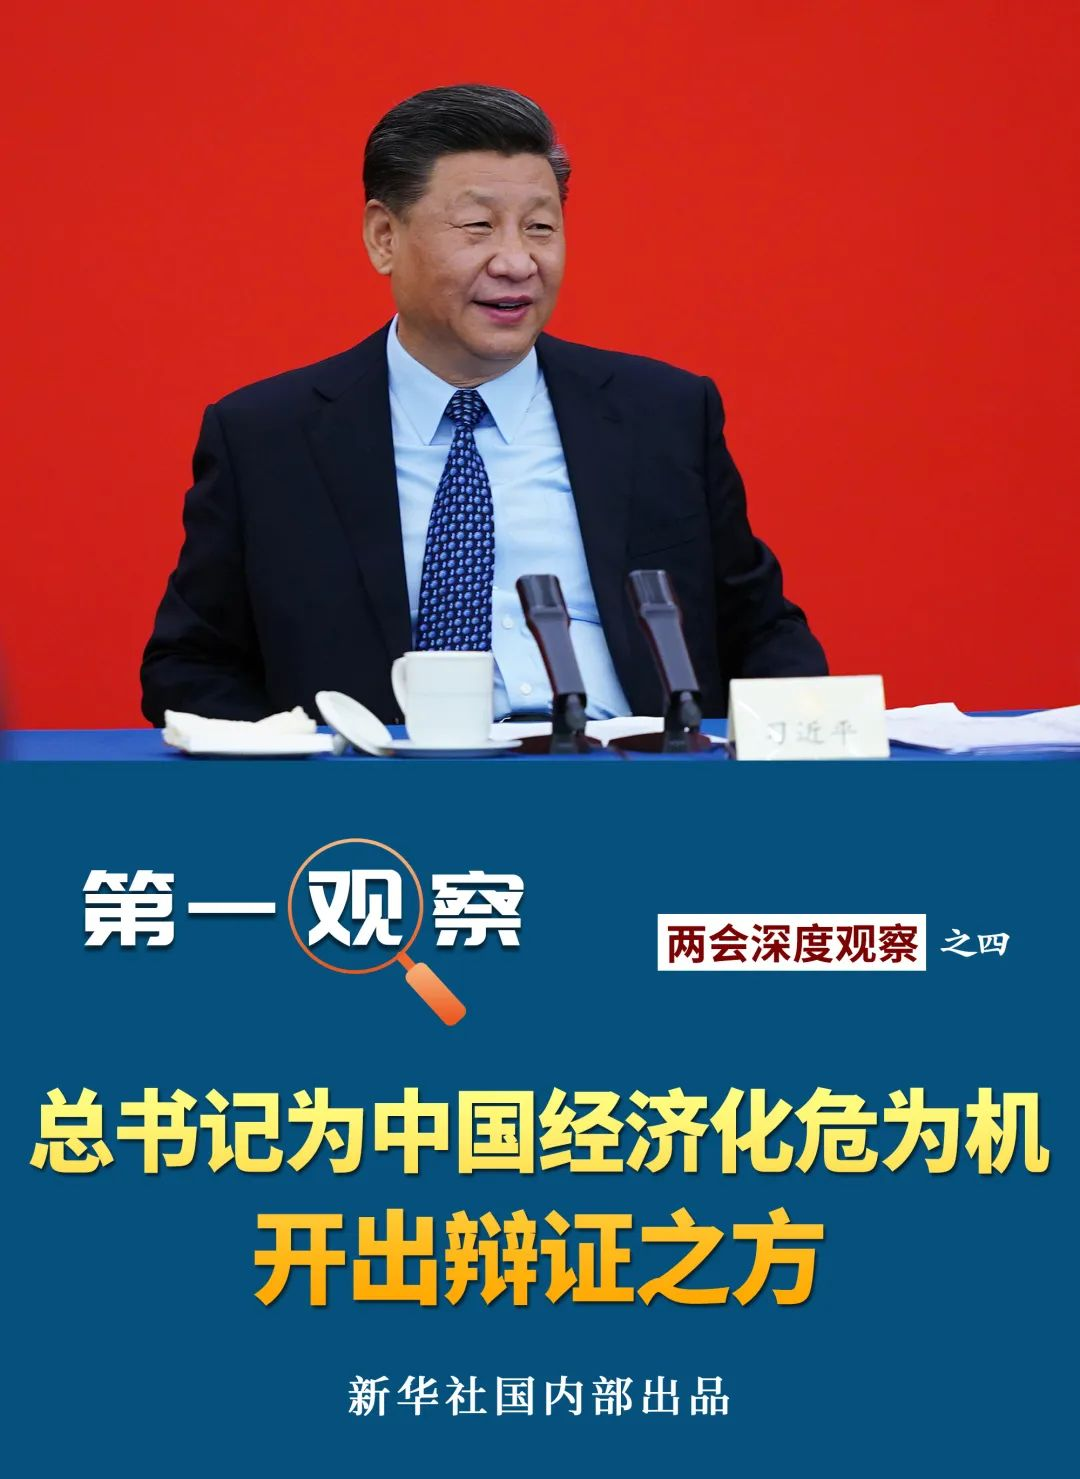 习近平为中国经济化危为机开出辩证之方图片